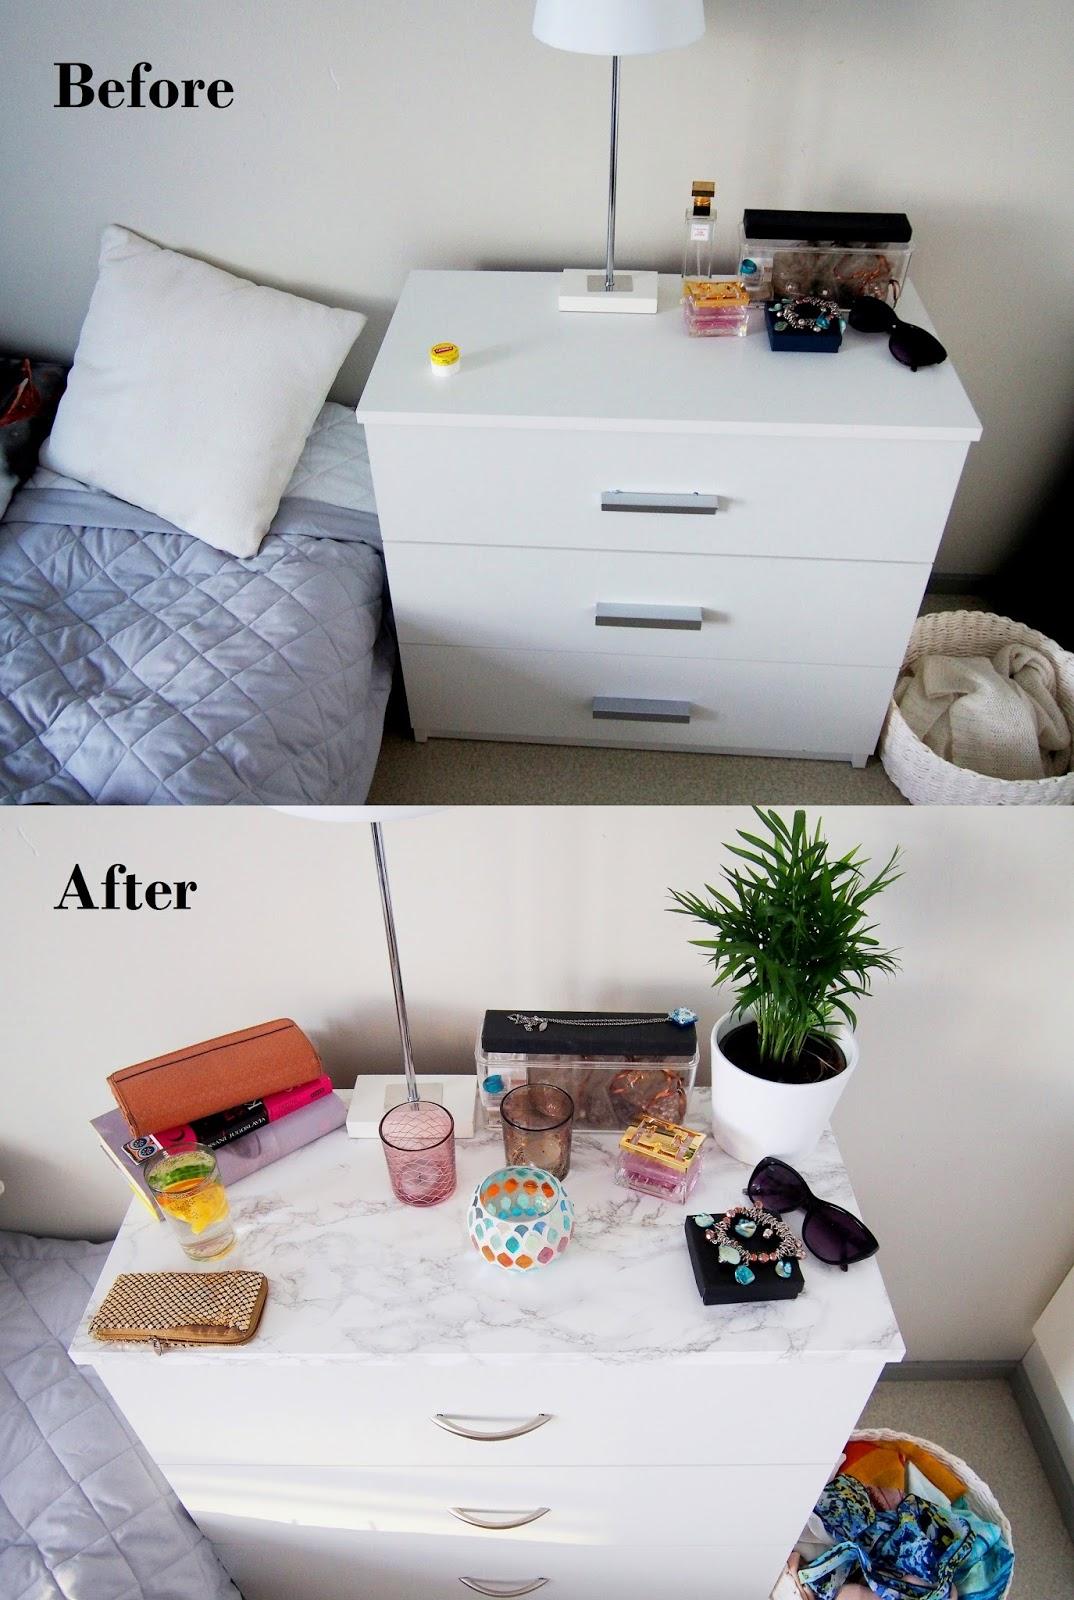 Ennen ja jälkeen. Marmorikuvioitu lipasto valmistuu helposti kontaktimuovilla.